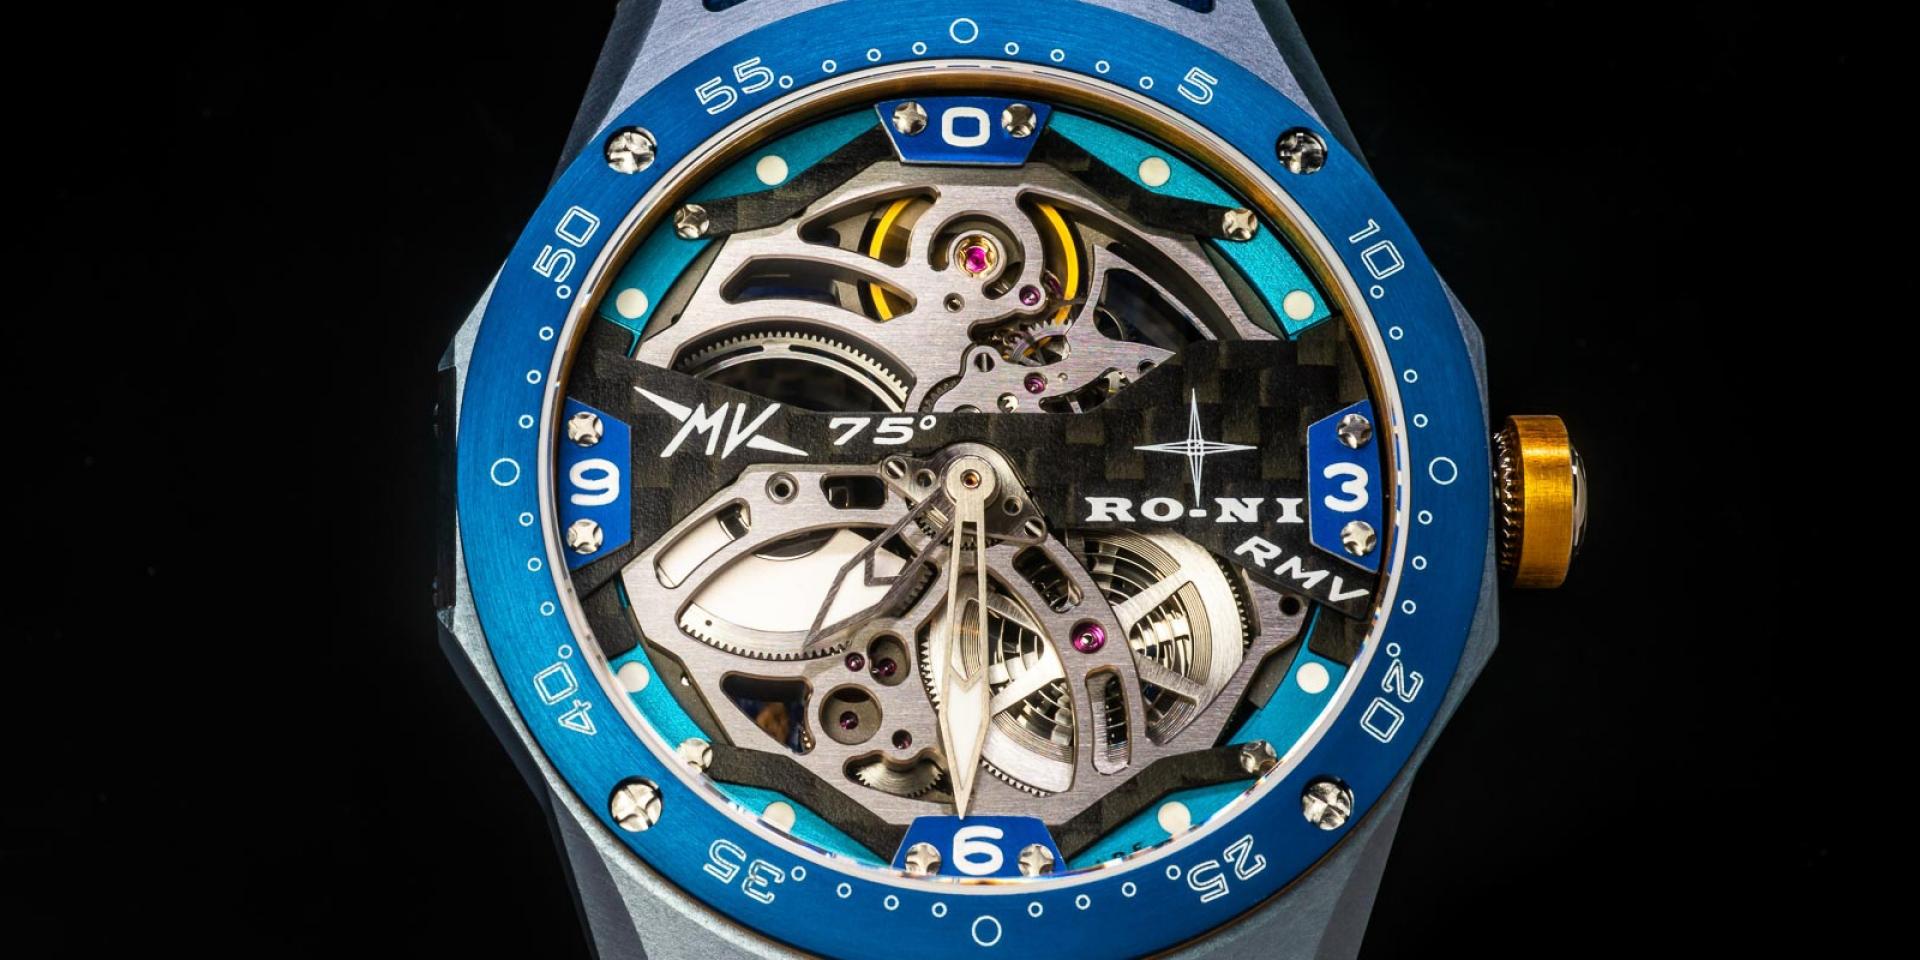 有錢才買的到時間 ! MV Agusta x RO-NI - RMV Hyperwatch75隻限量發售